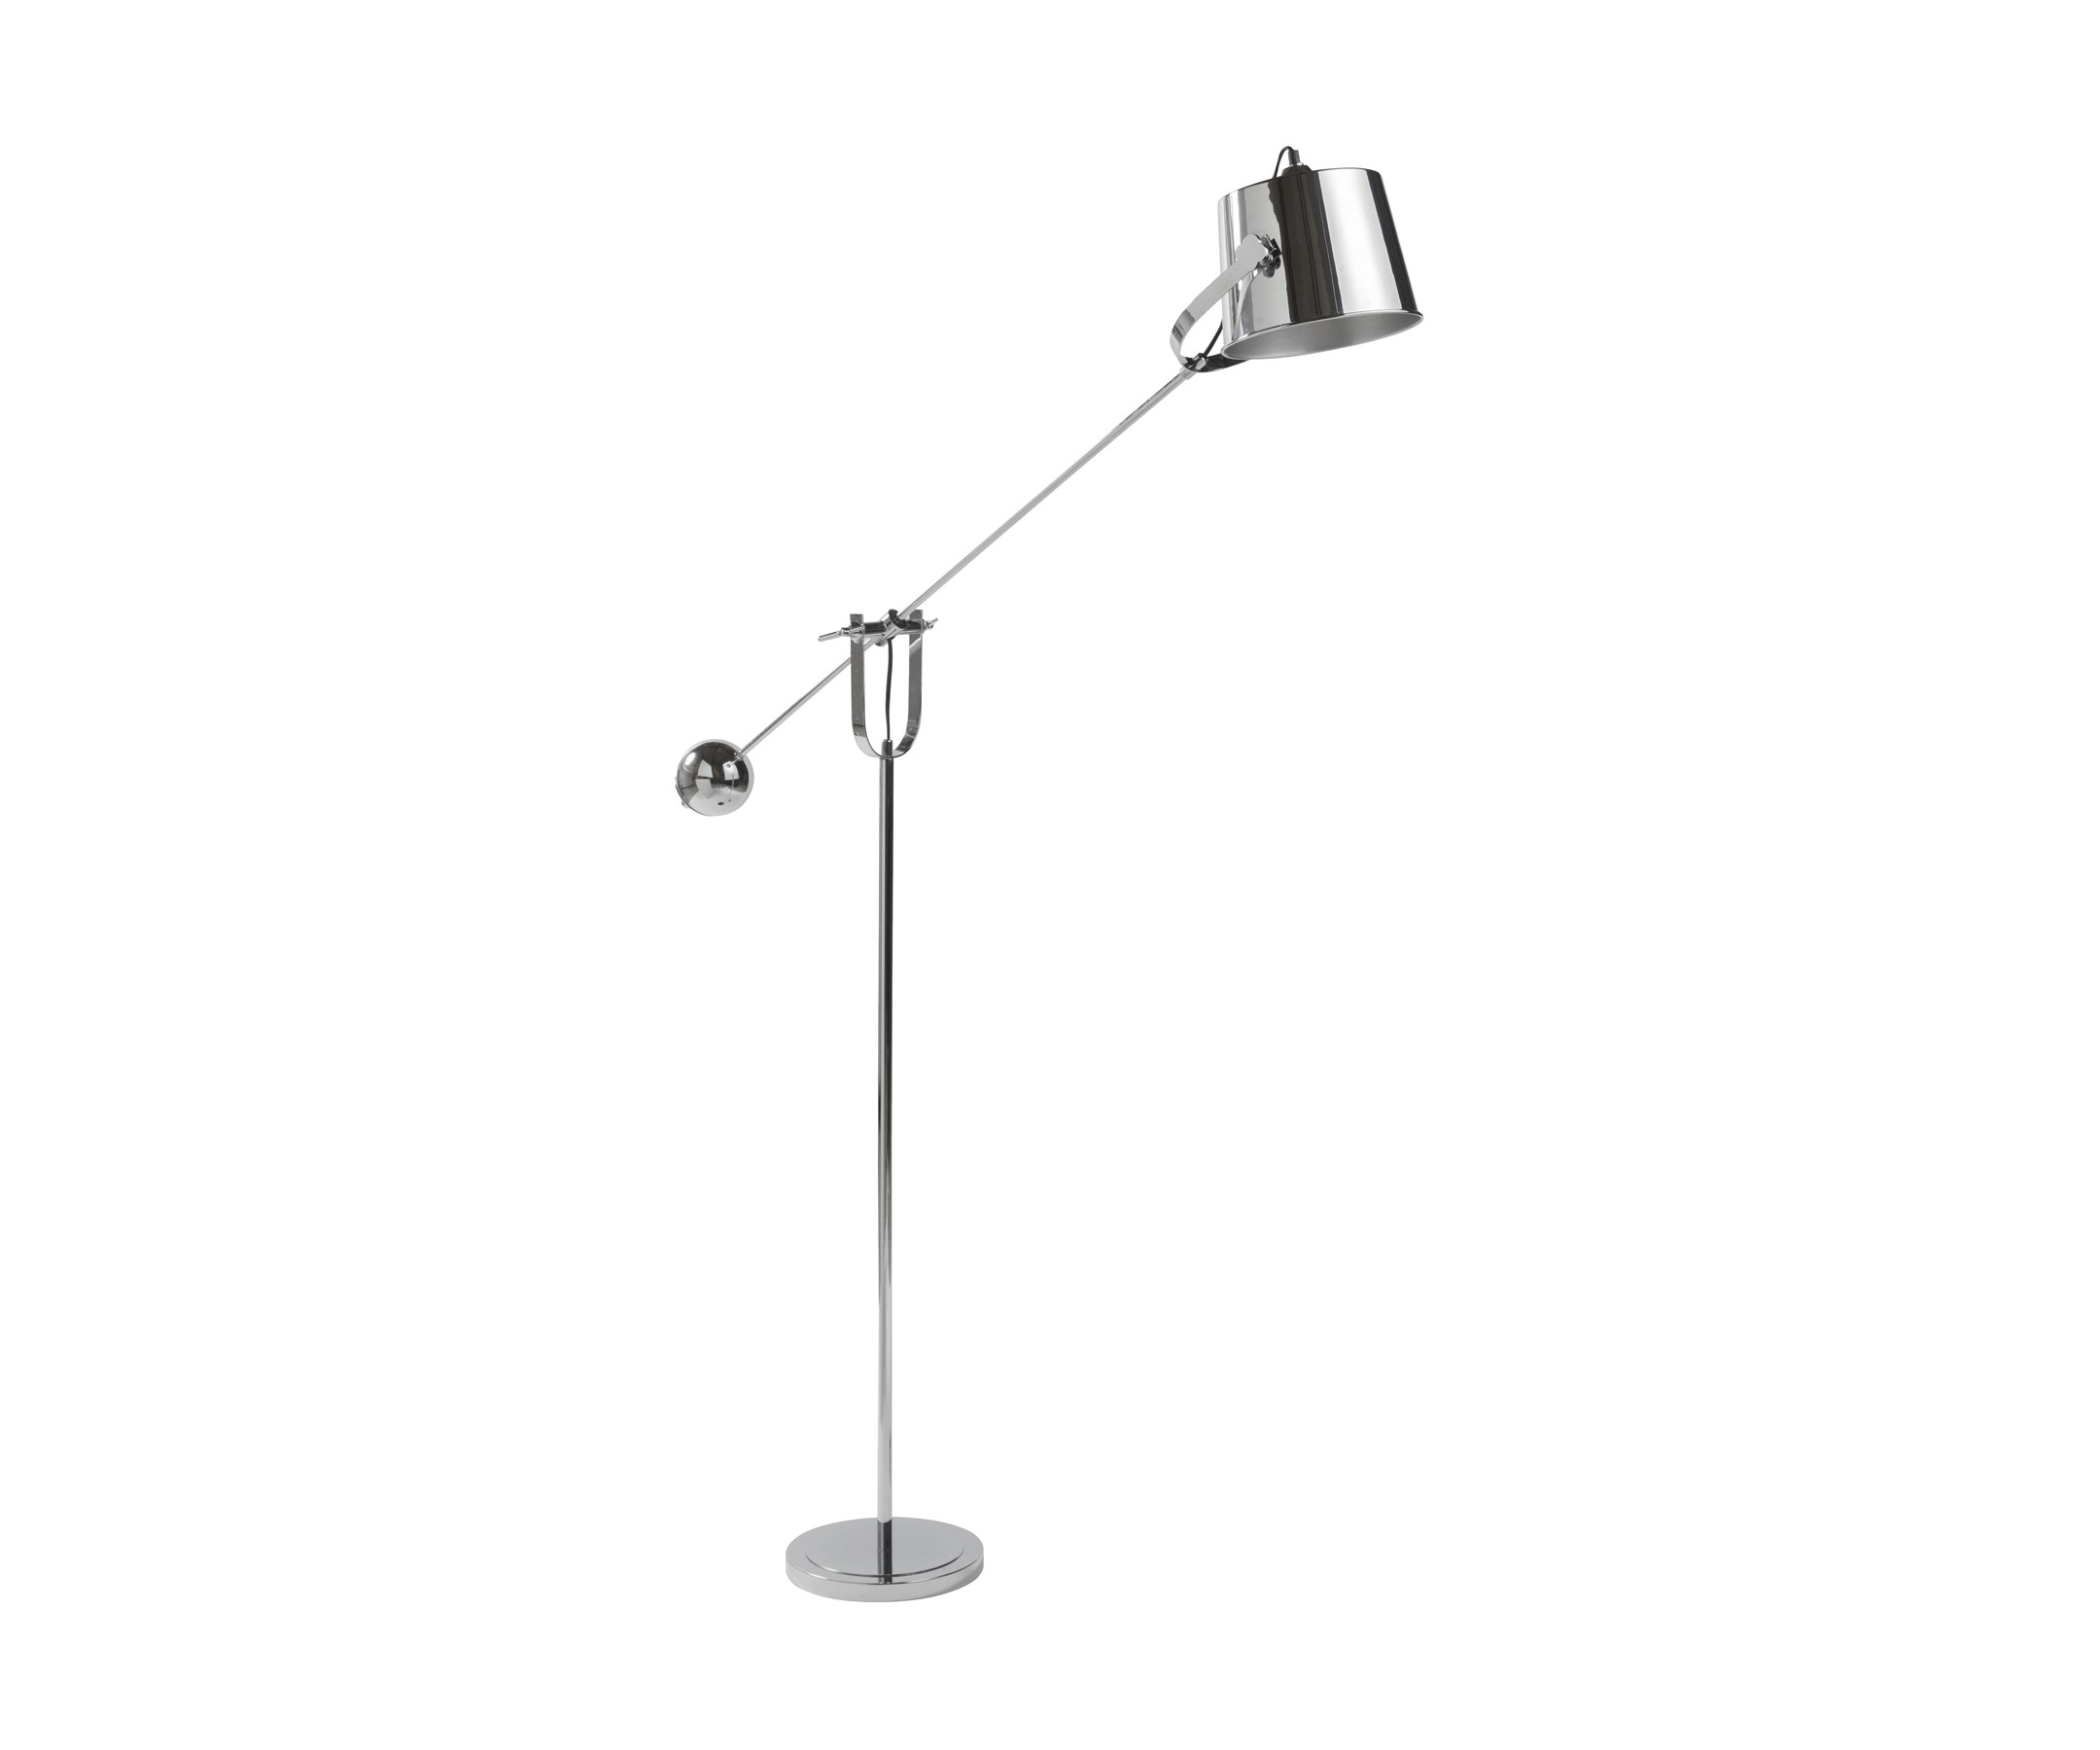 Напольный светильник FairfaxТоршеры<br>предназначена для использования со светодиодными лампами, лампы не включены в комплект<br><br>Material: Металл<br>Width см: 95<br>Height см: 170<br>Diameter см: 30